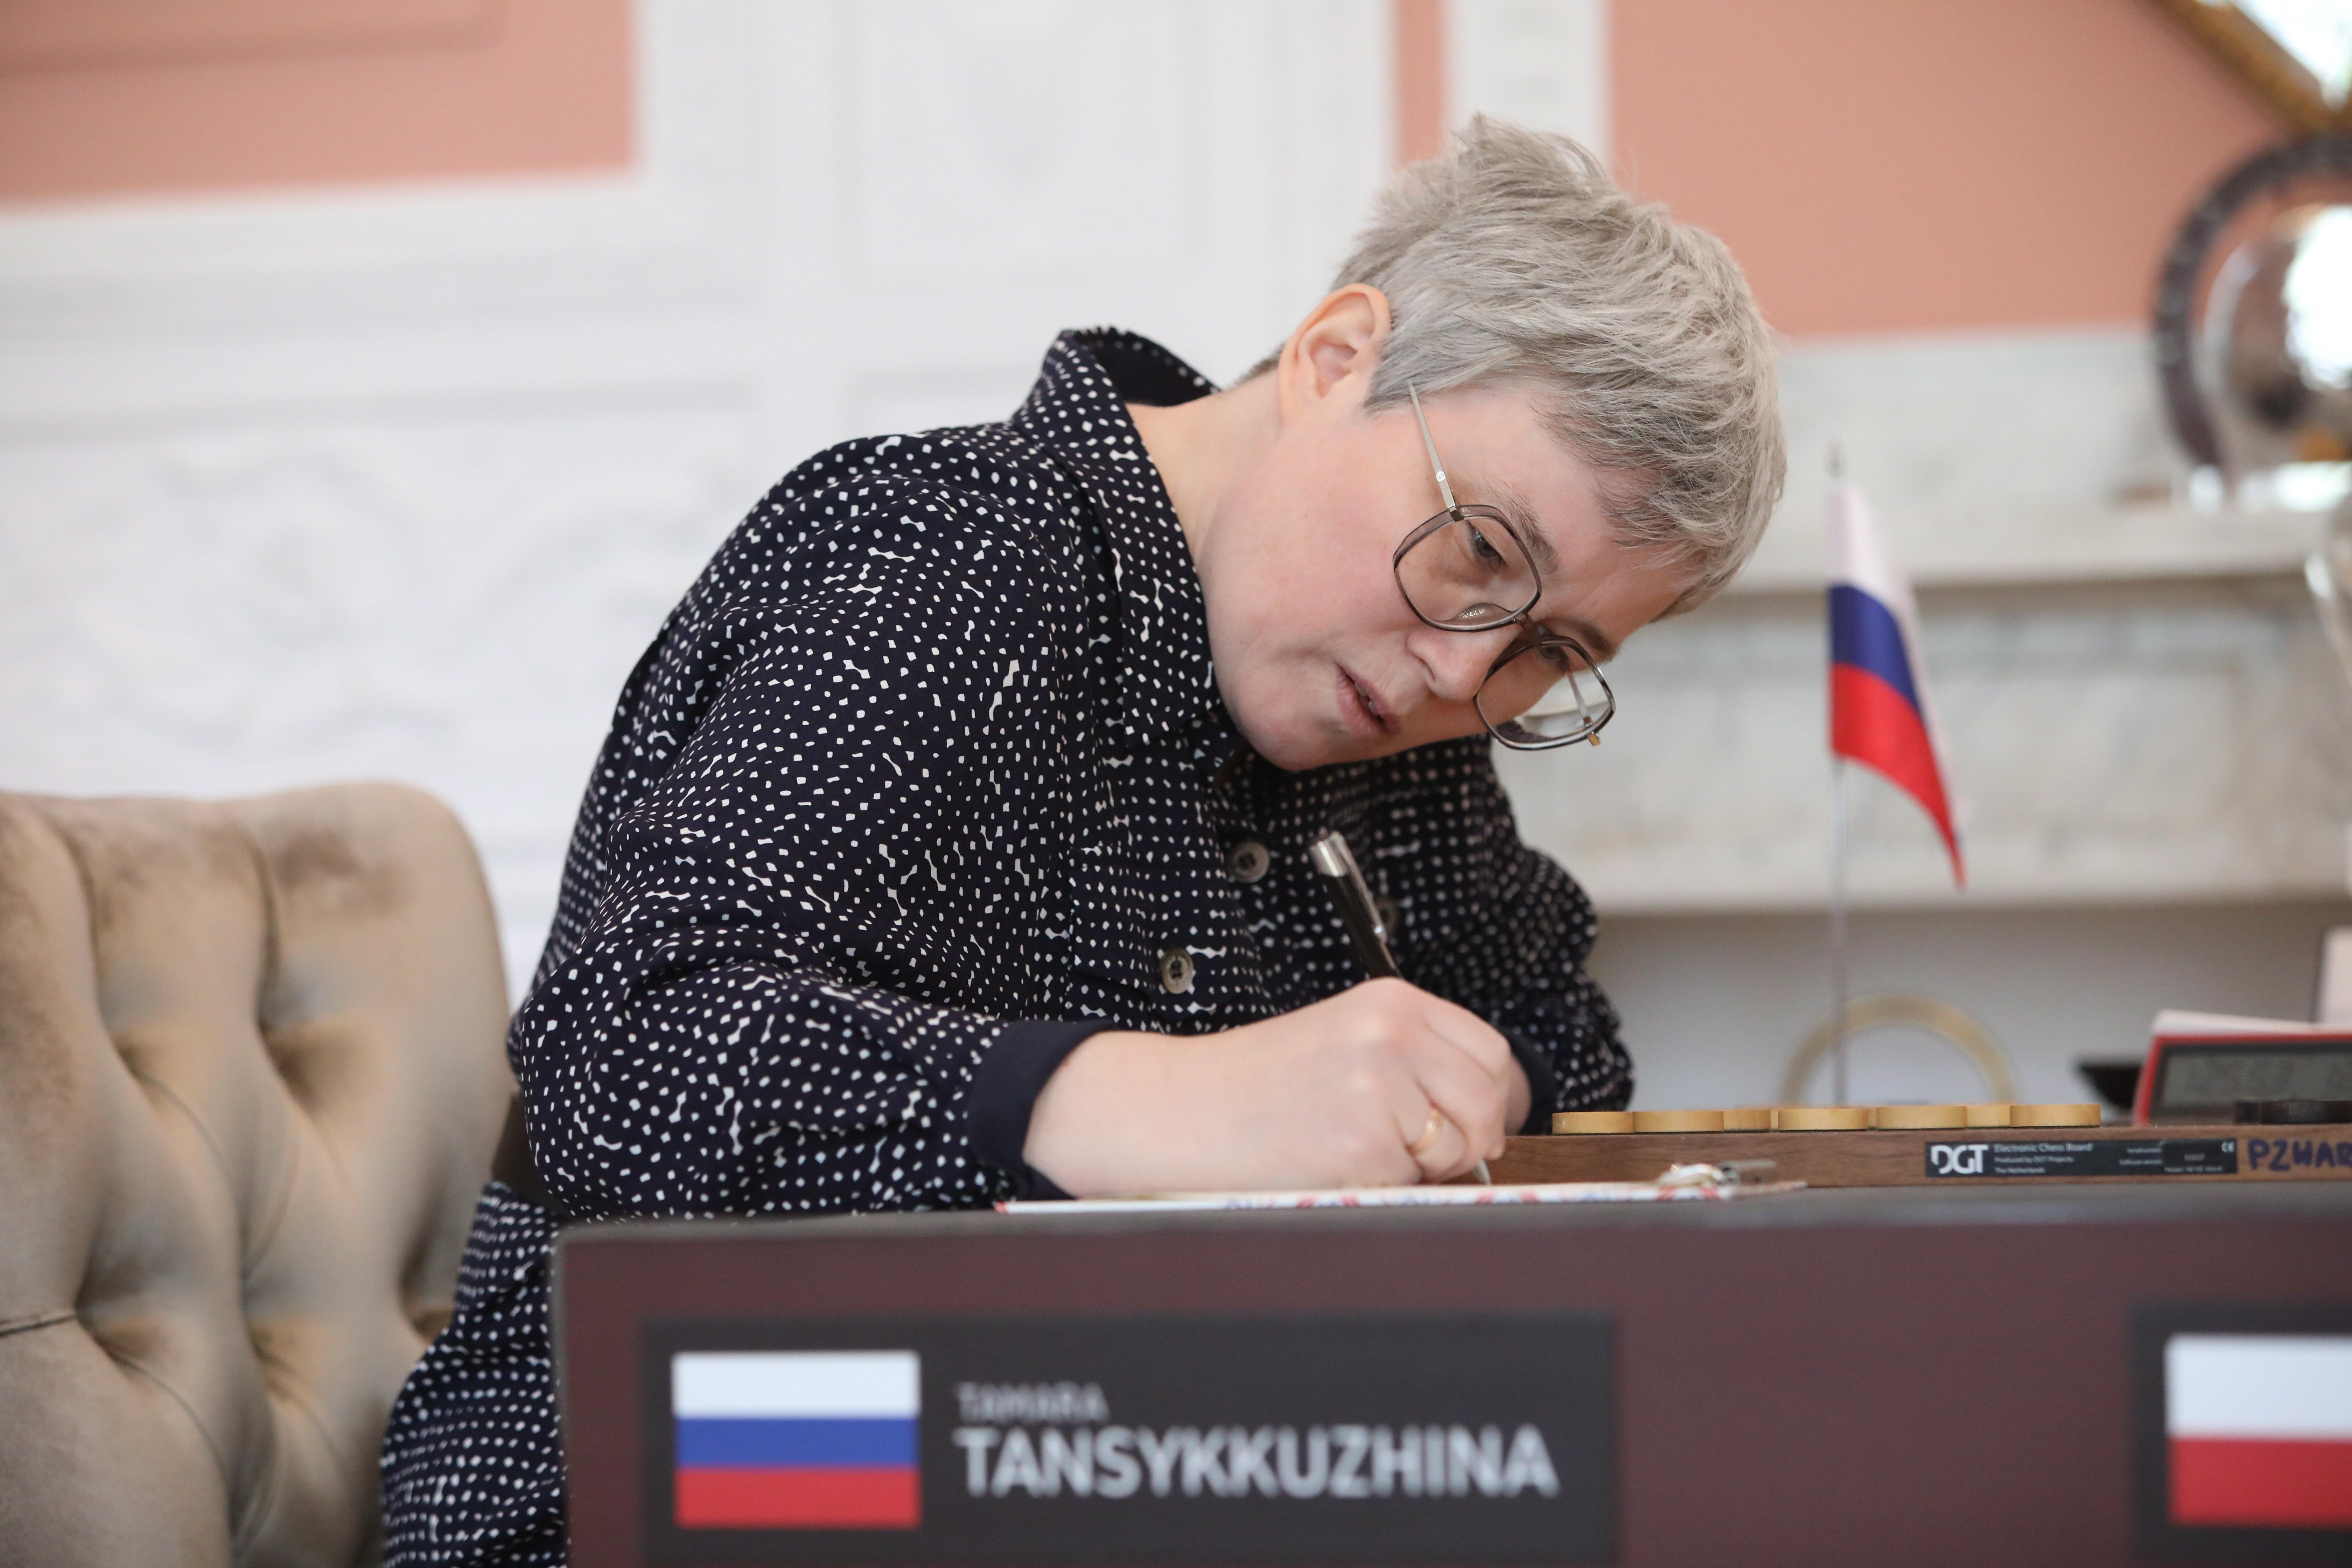 Сделали это под давлением: Российская шашистка высказалась об инциденте со снятием флага во время матча